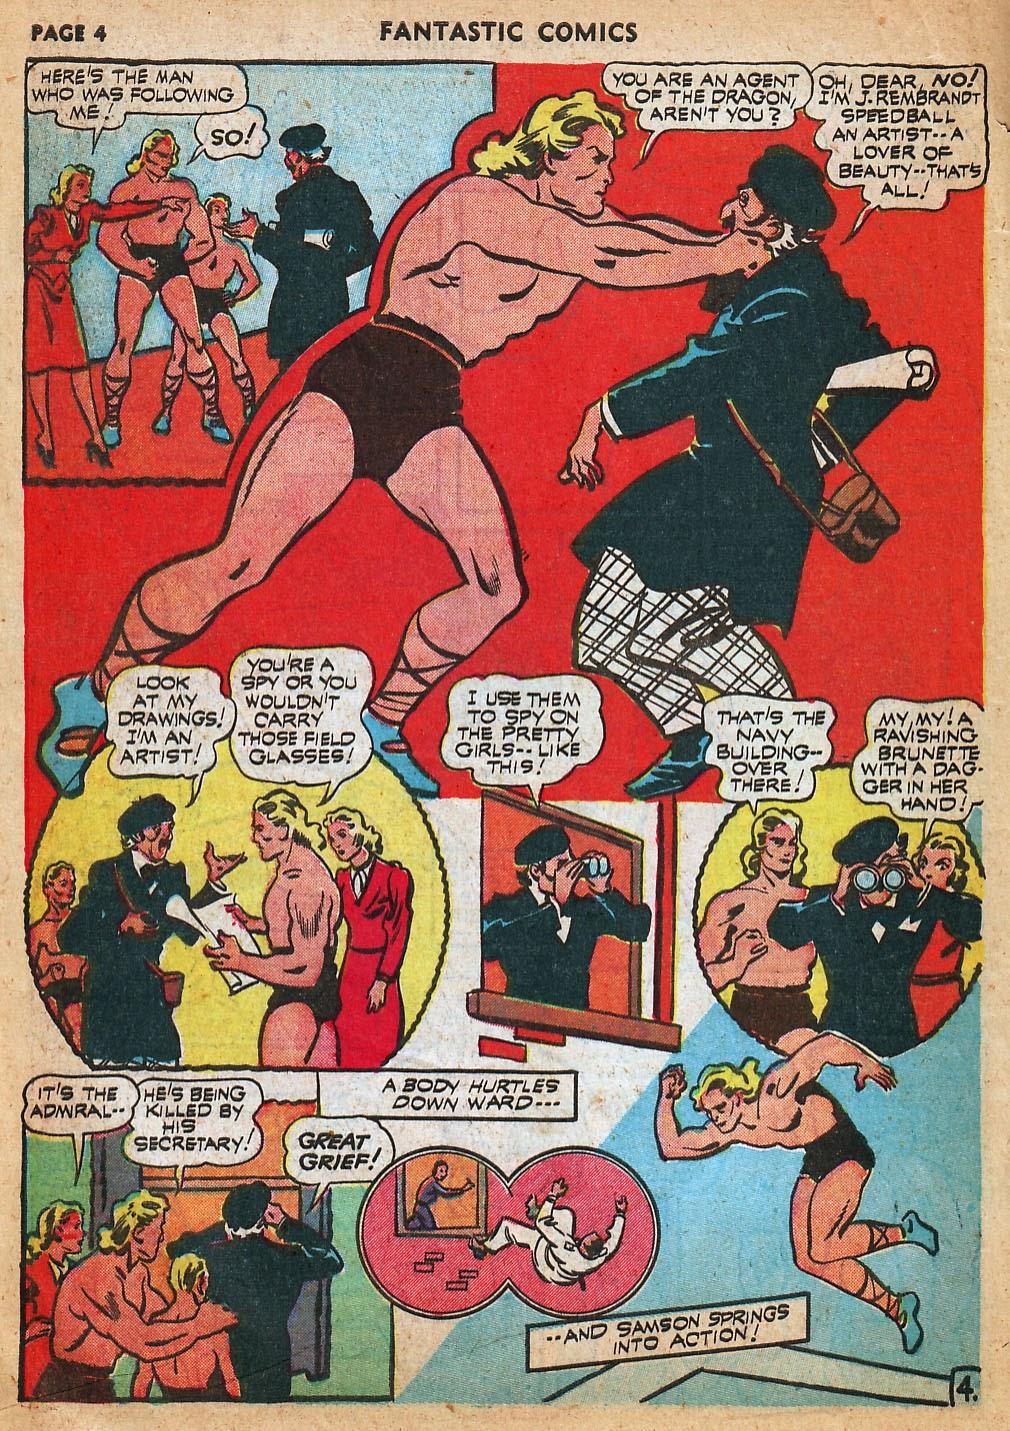 Read online Fantastic Comics comic -  Issue #22 - 6